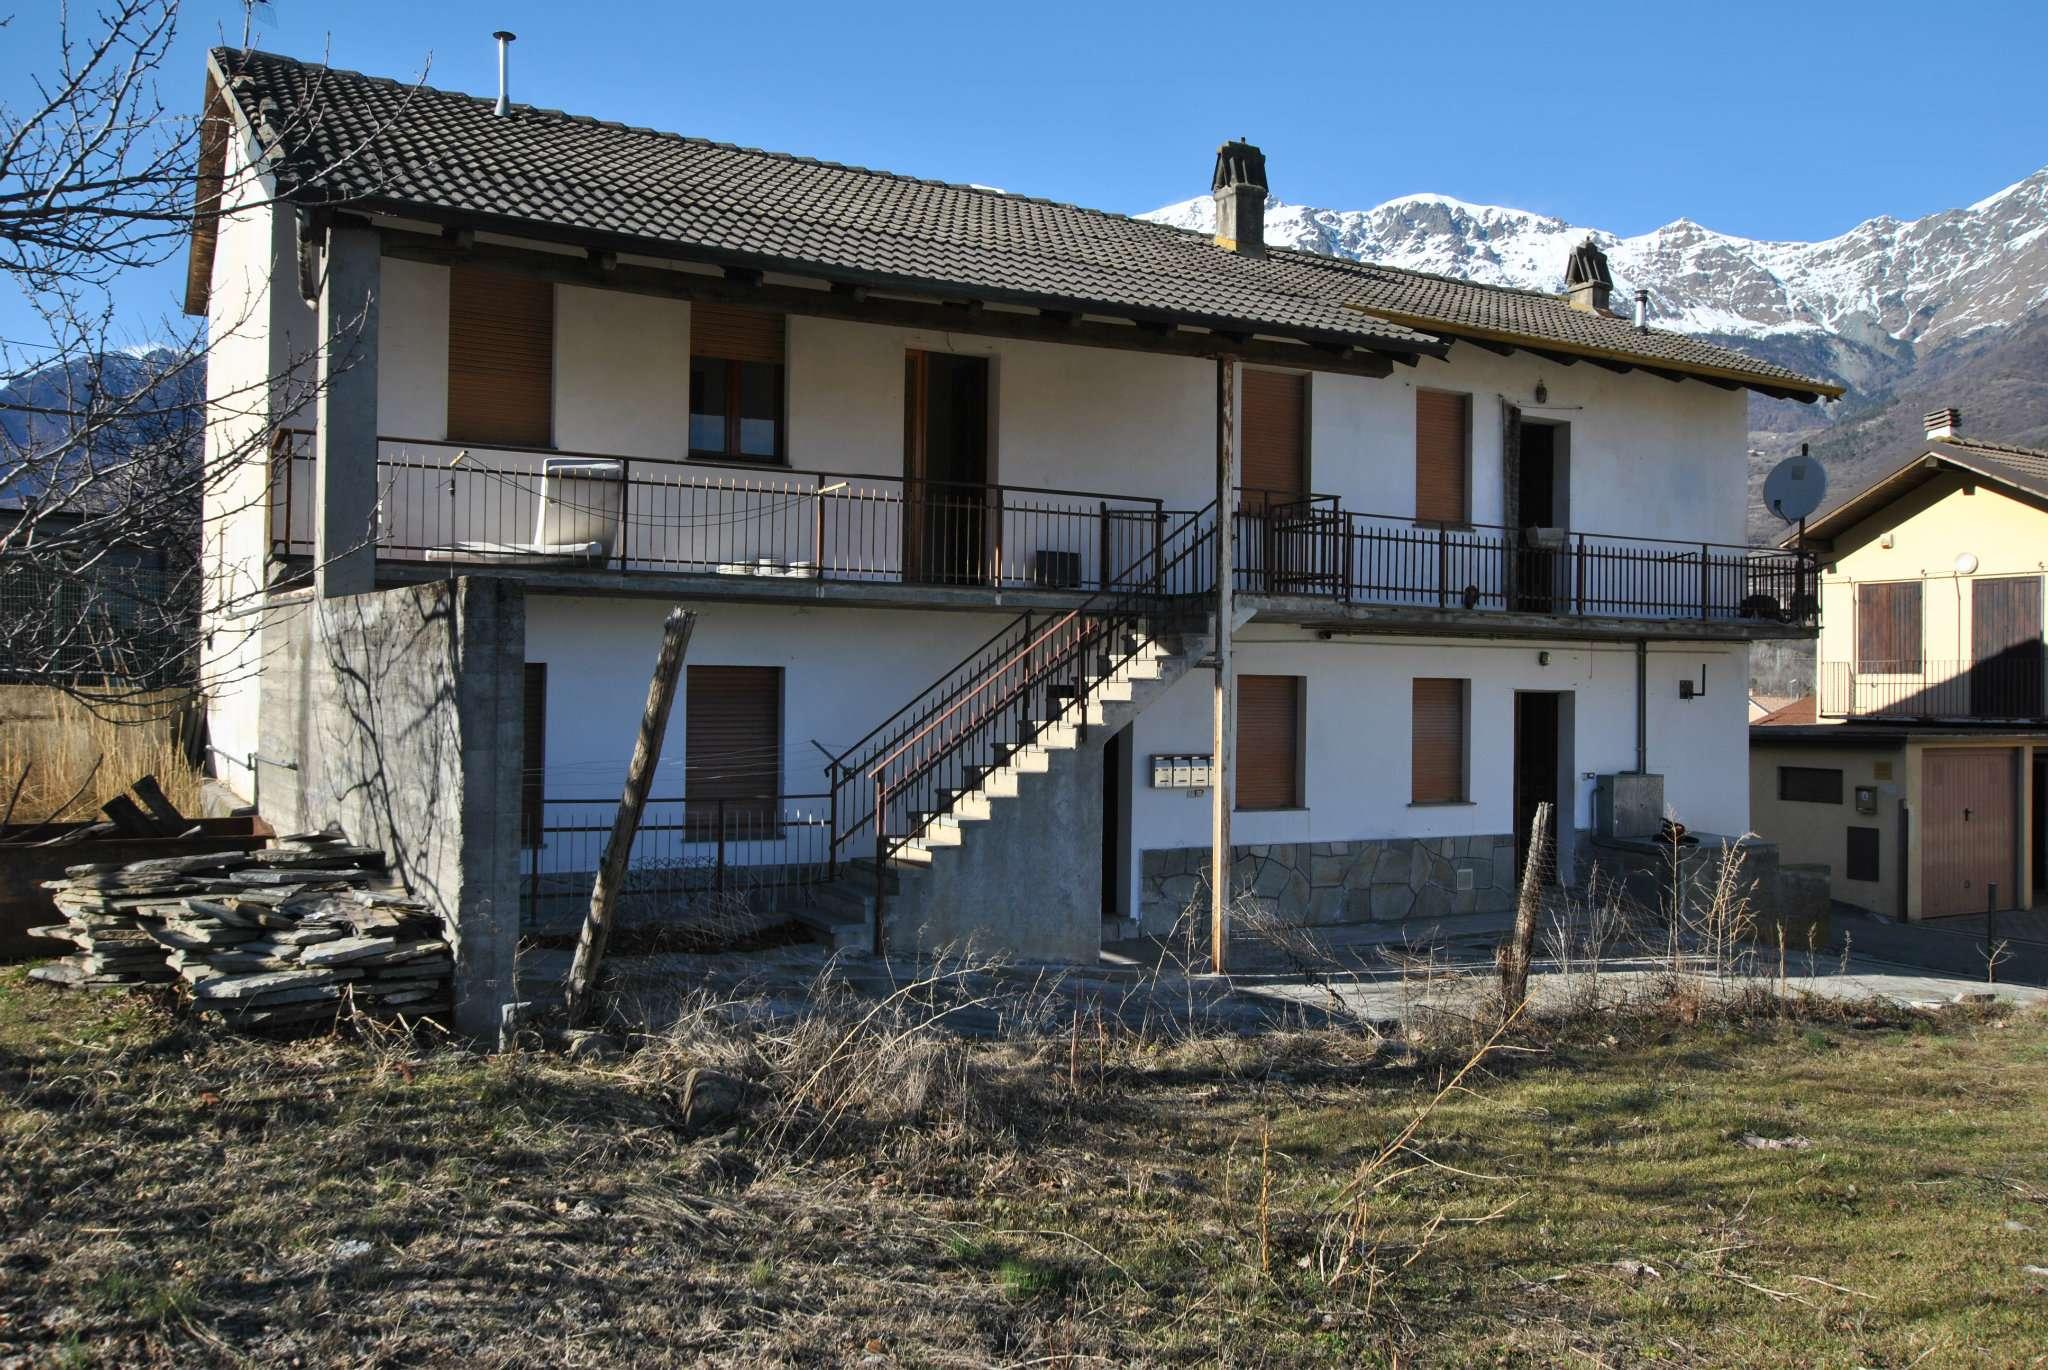 Foto 1 di Stabile - Palazzo via Trattenero 15, San Giorio Di Susa